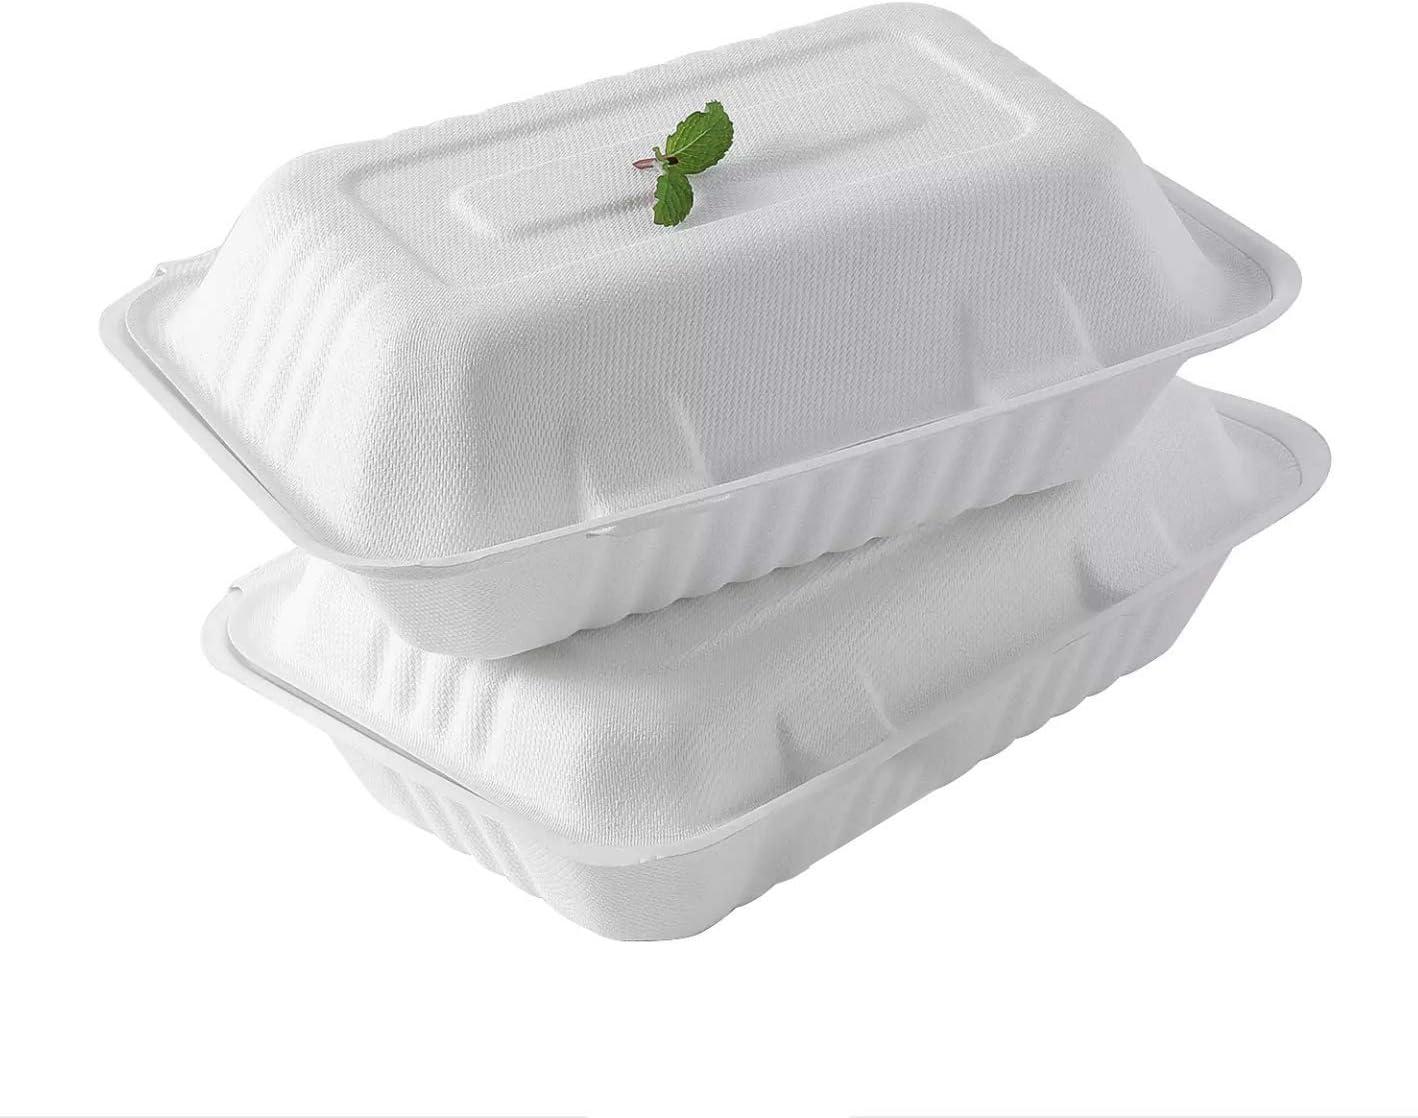 Paco Ecological 25 Pezzi Contenitore compostabile biodegradabile dasporto con Coperchio 23cm x 15cm